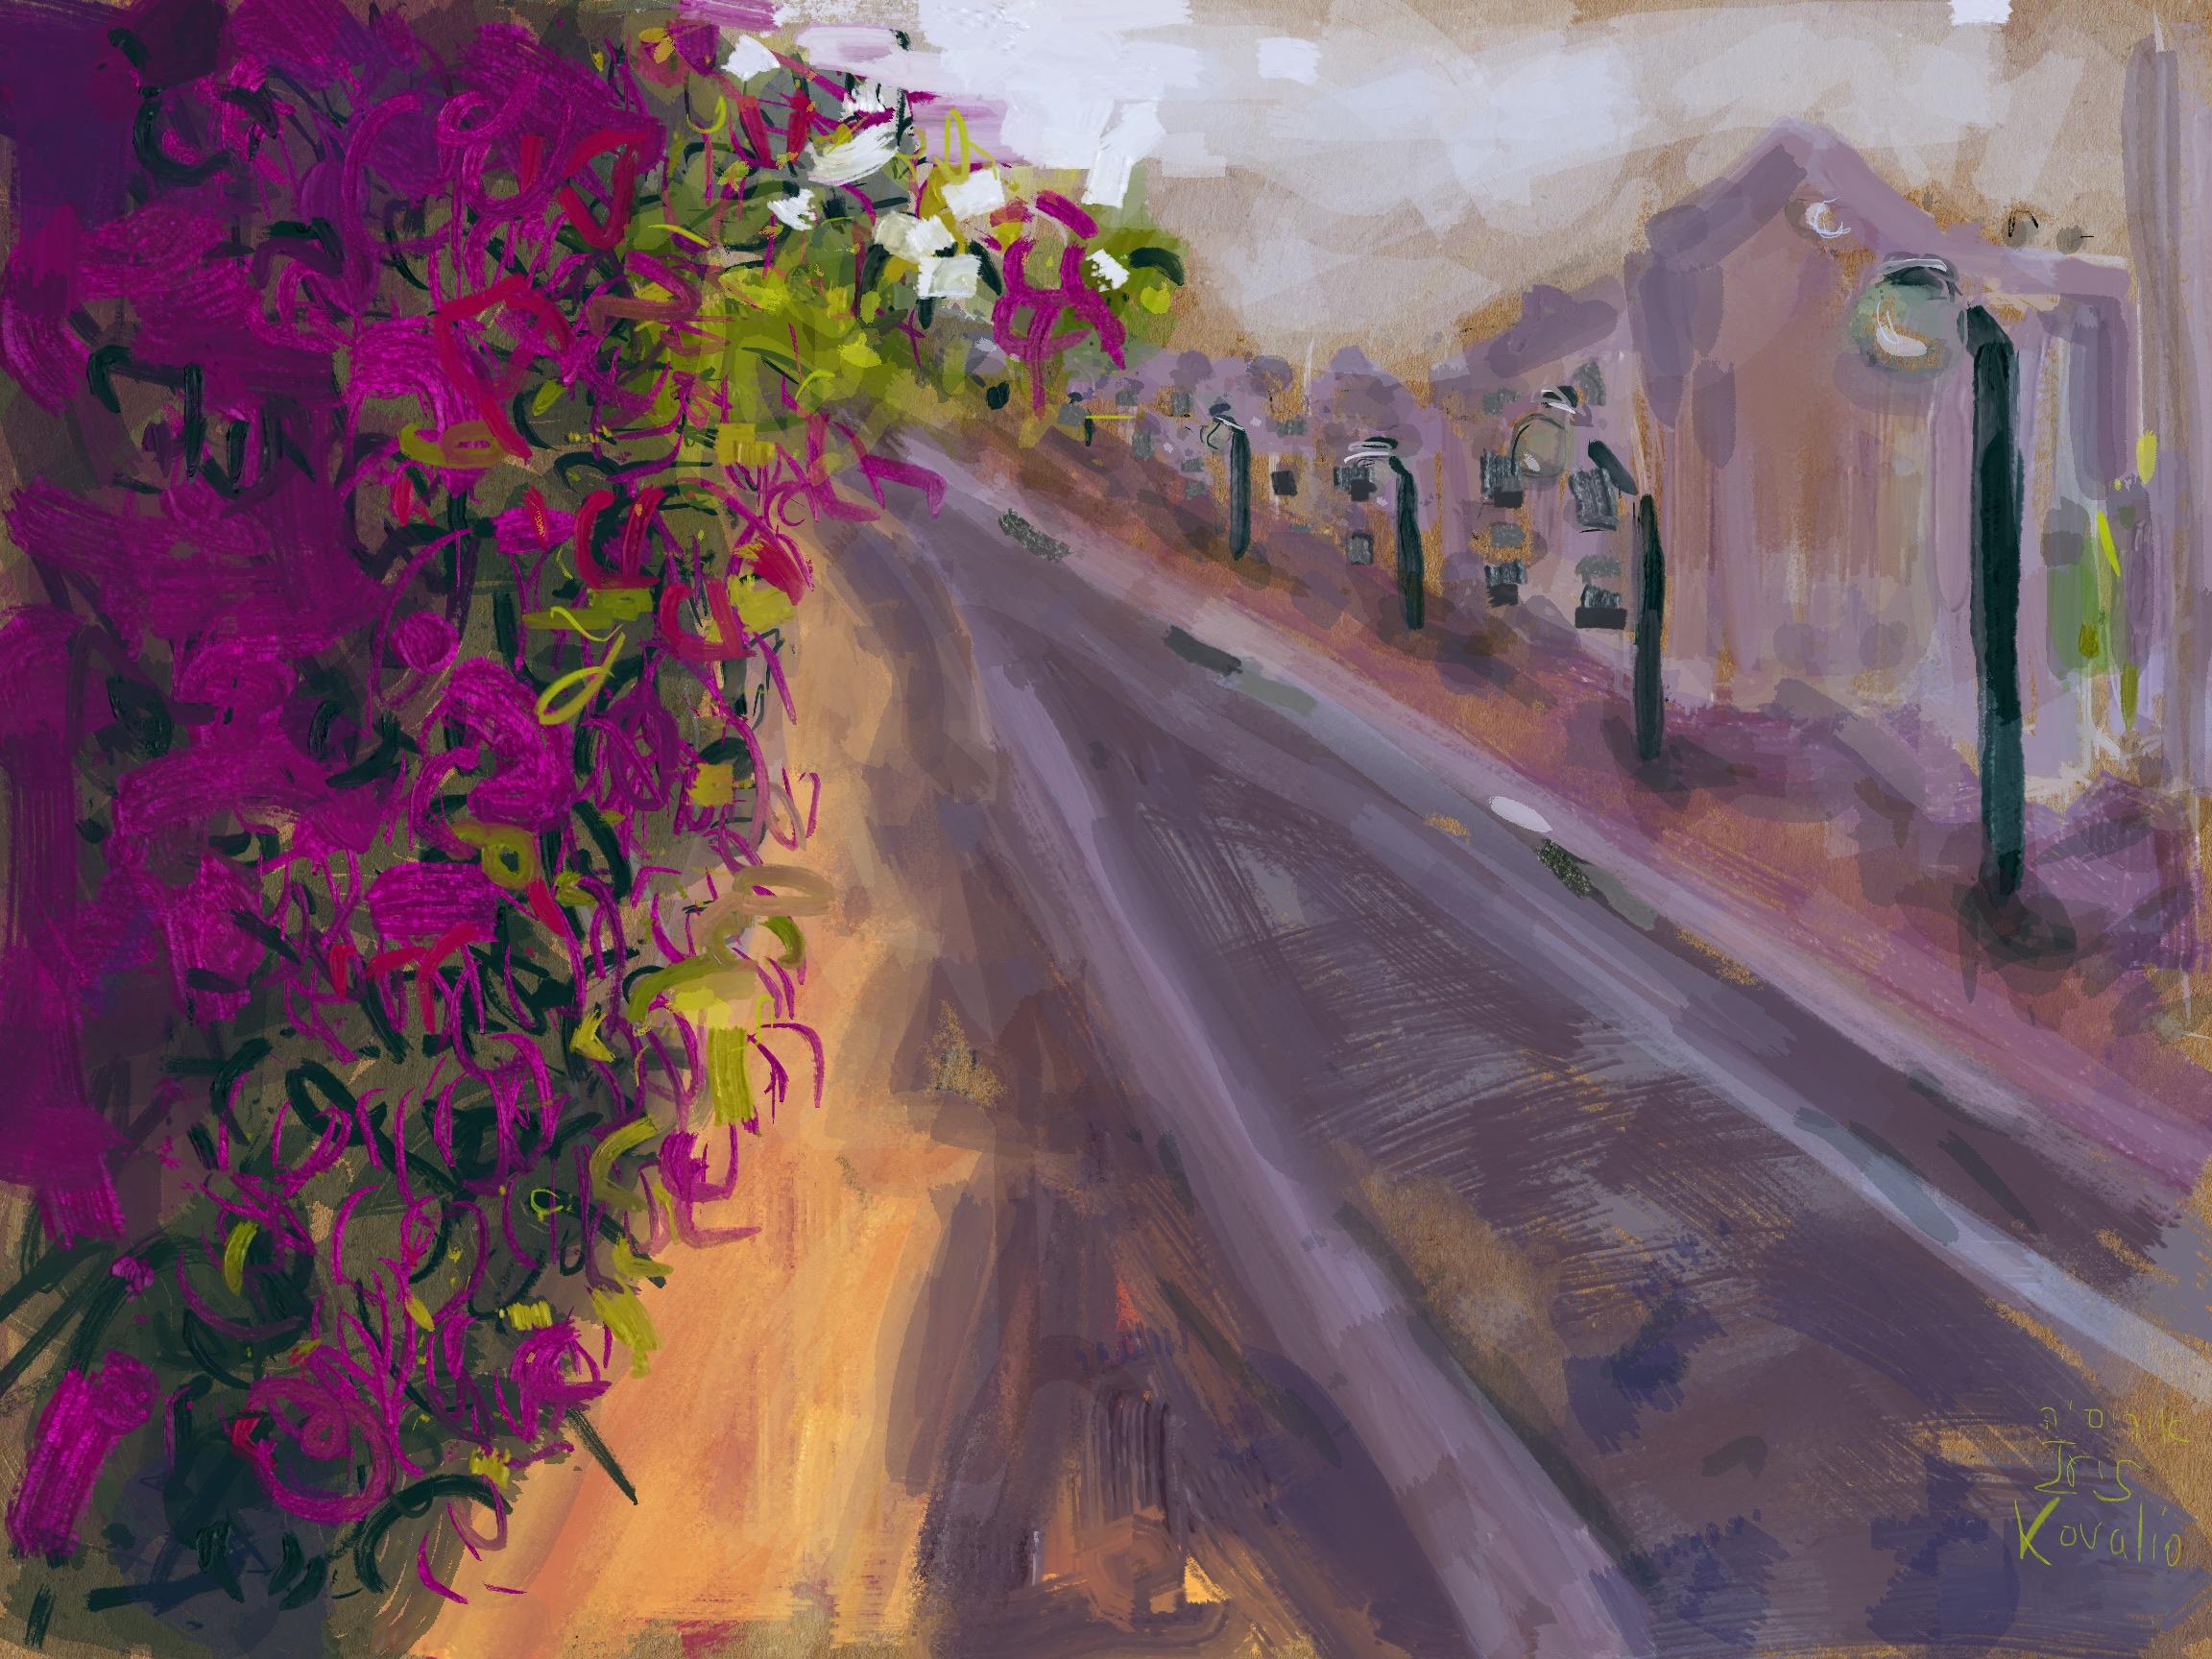 איריסיה קובליו, מרחב הגנה 7, ציור אייפד, יולי 2014